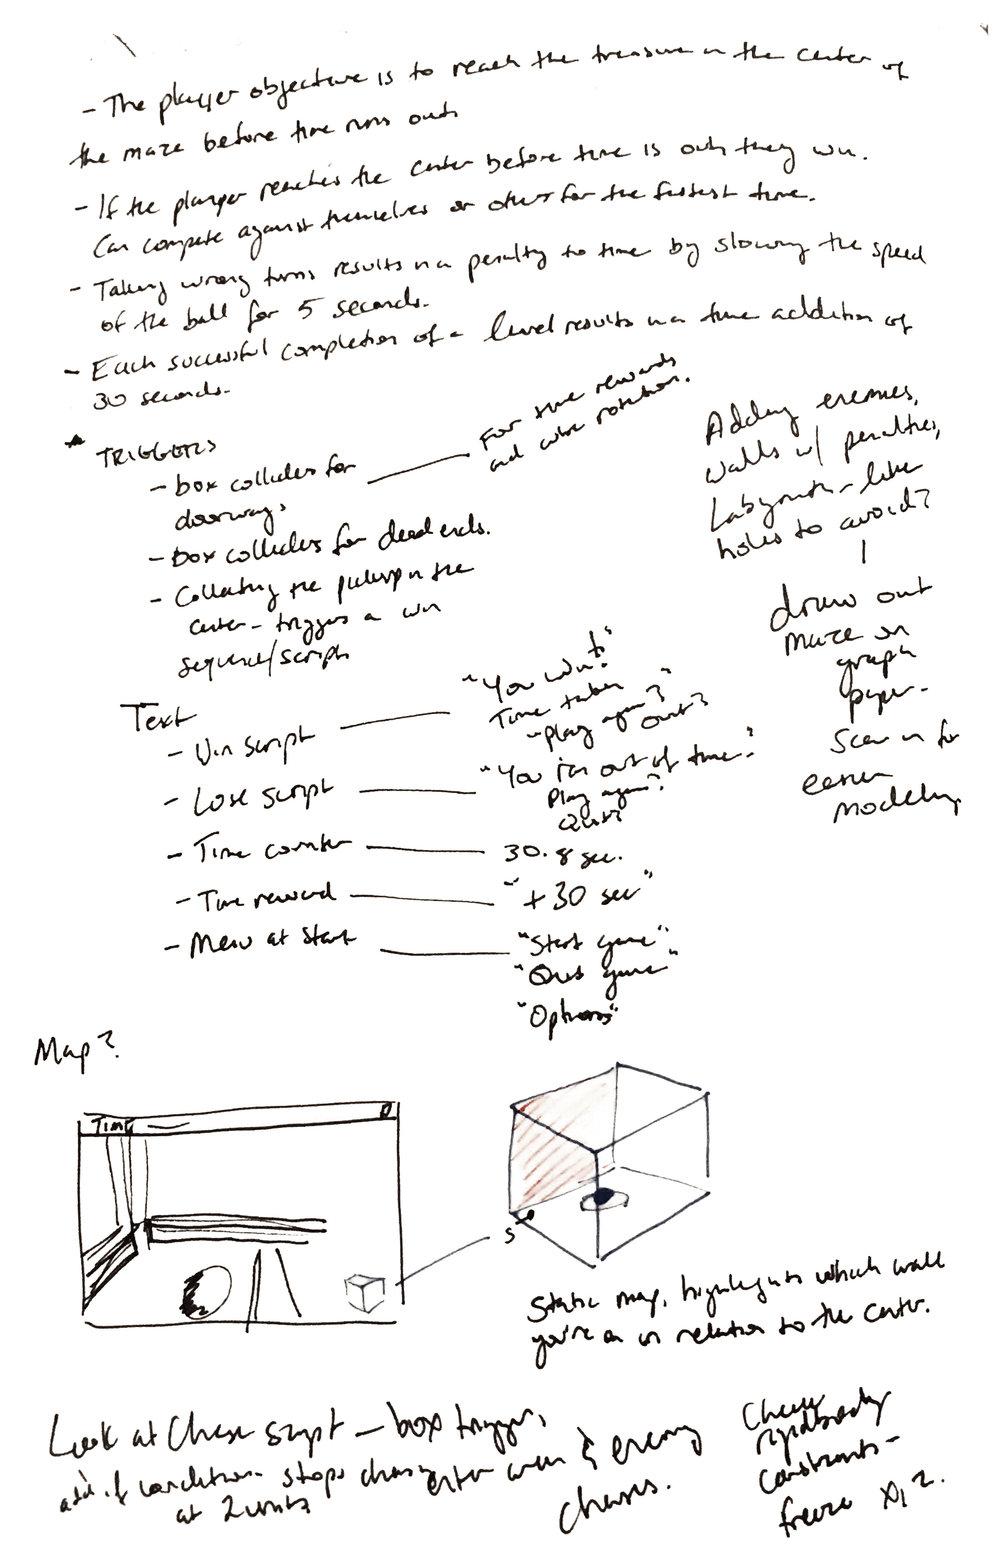 RollABallMod_Sketch2.jpg